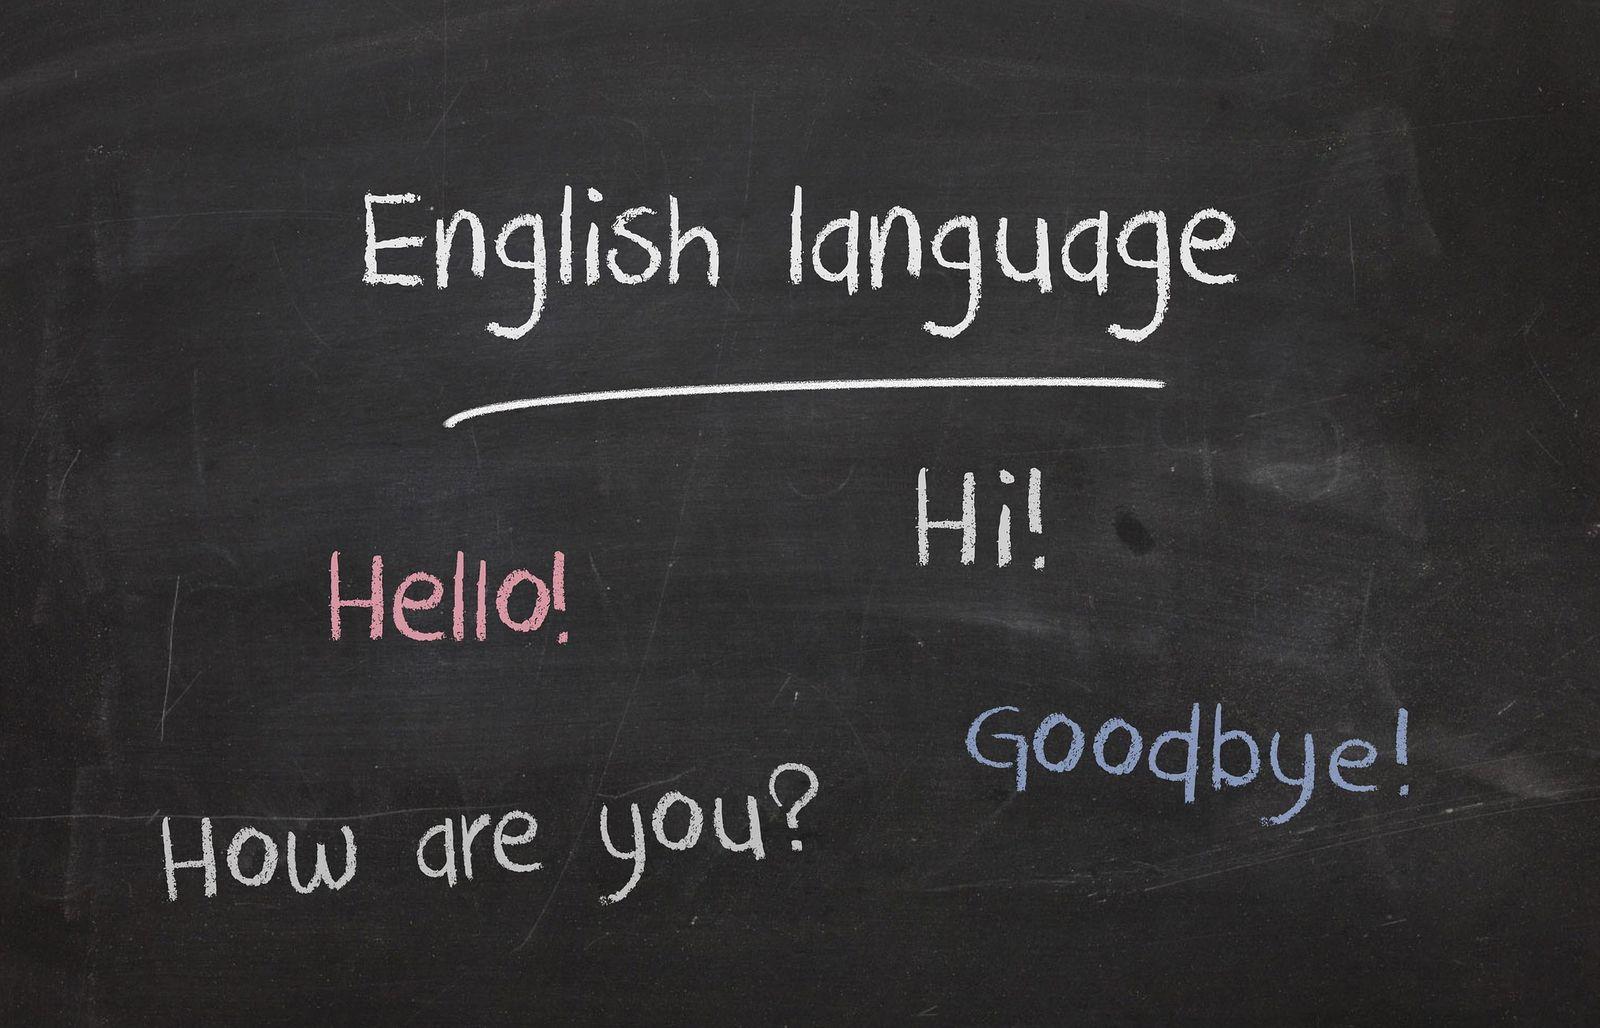 อยากเก่งภาษาอังกฤษทำไงดี ?